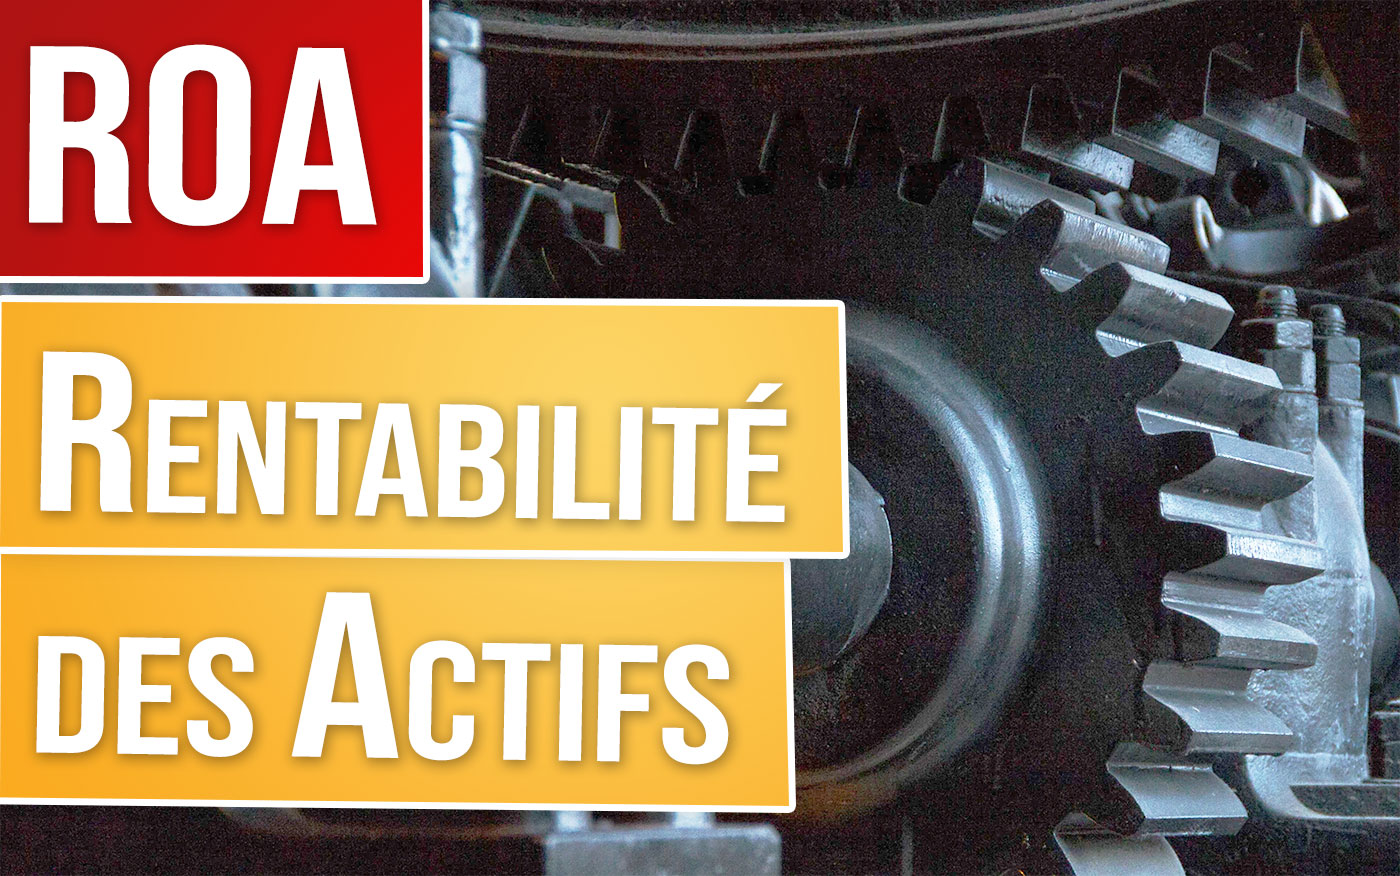 Rentabilité des actifs - ROA